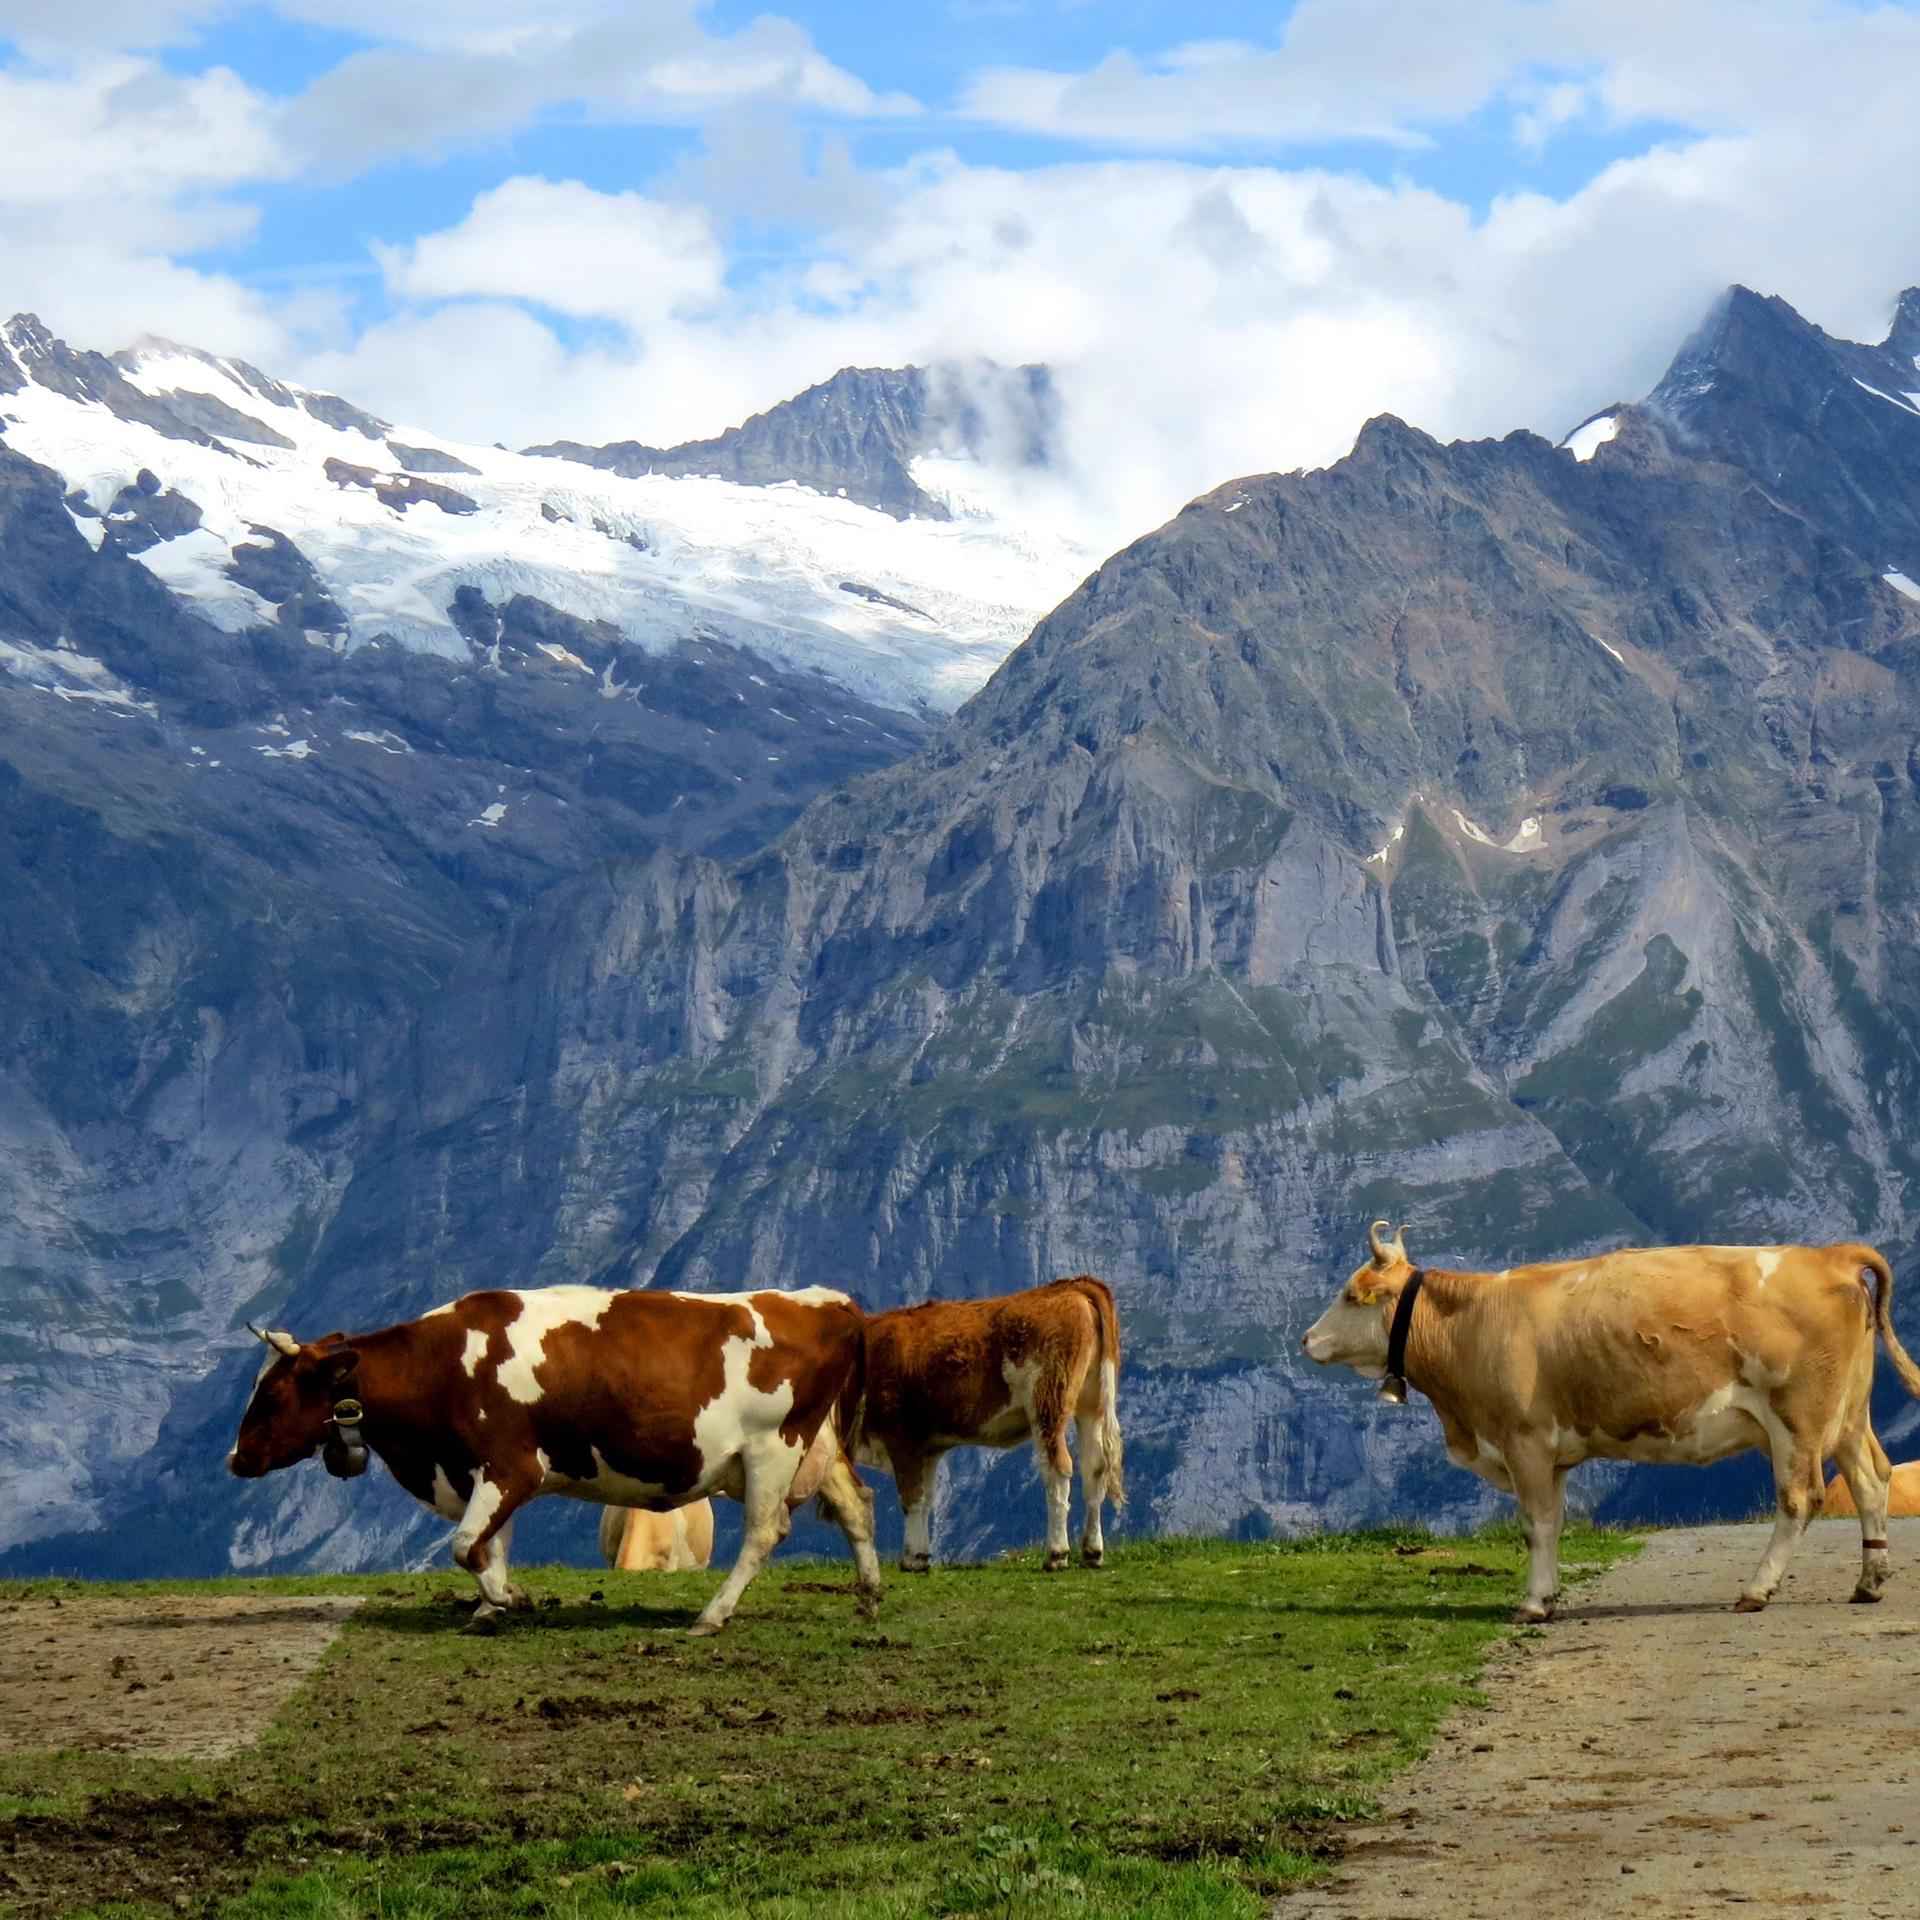 瑞士景觀火車14天